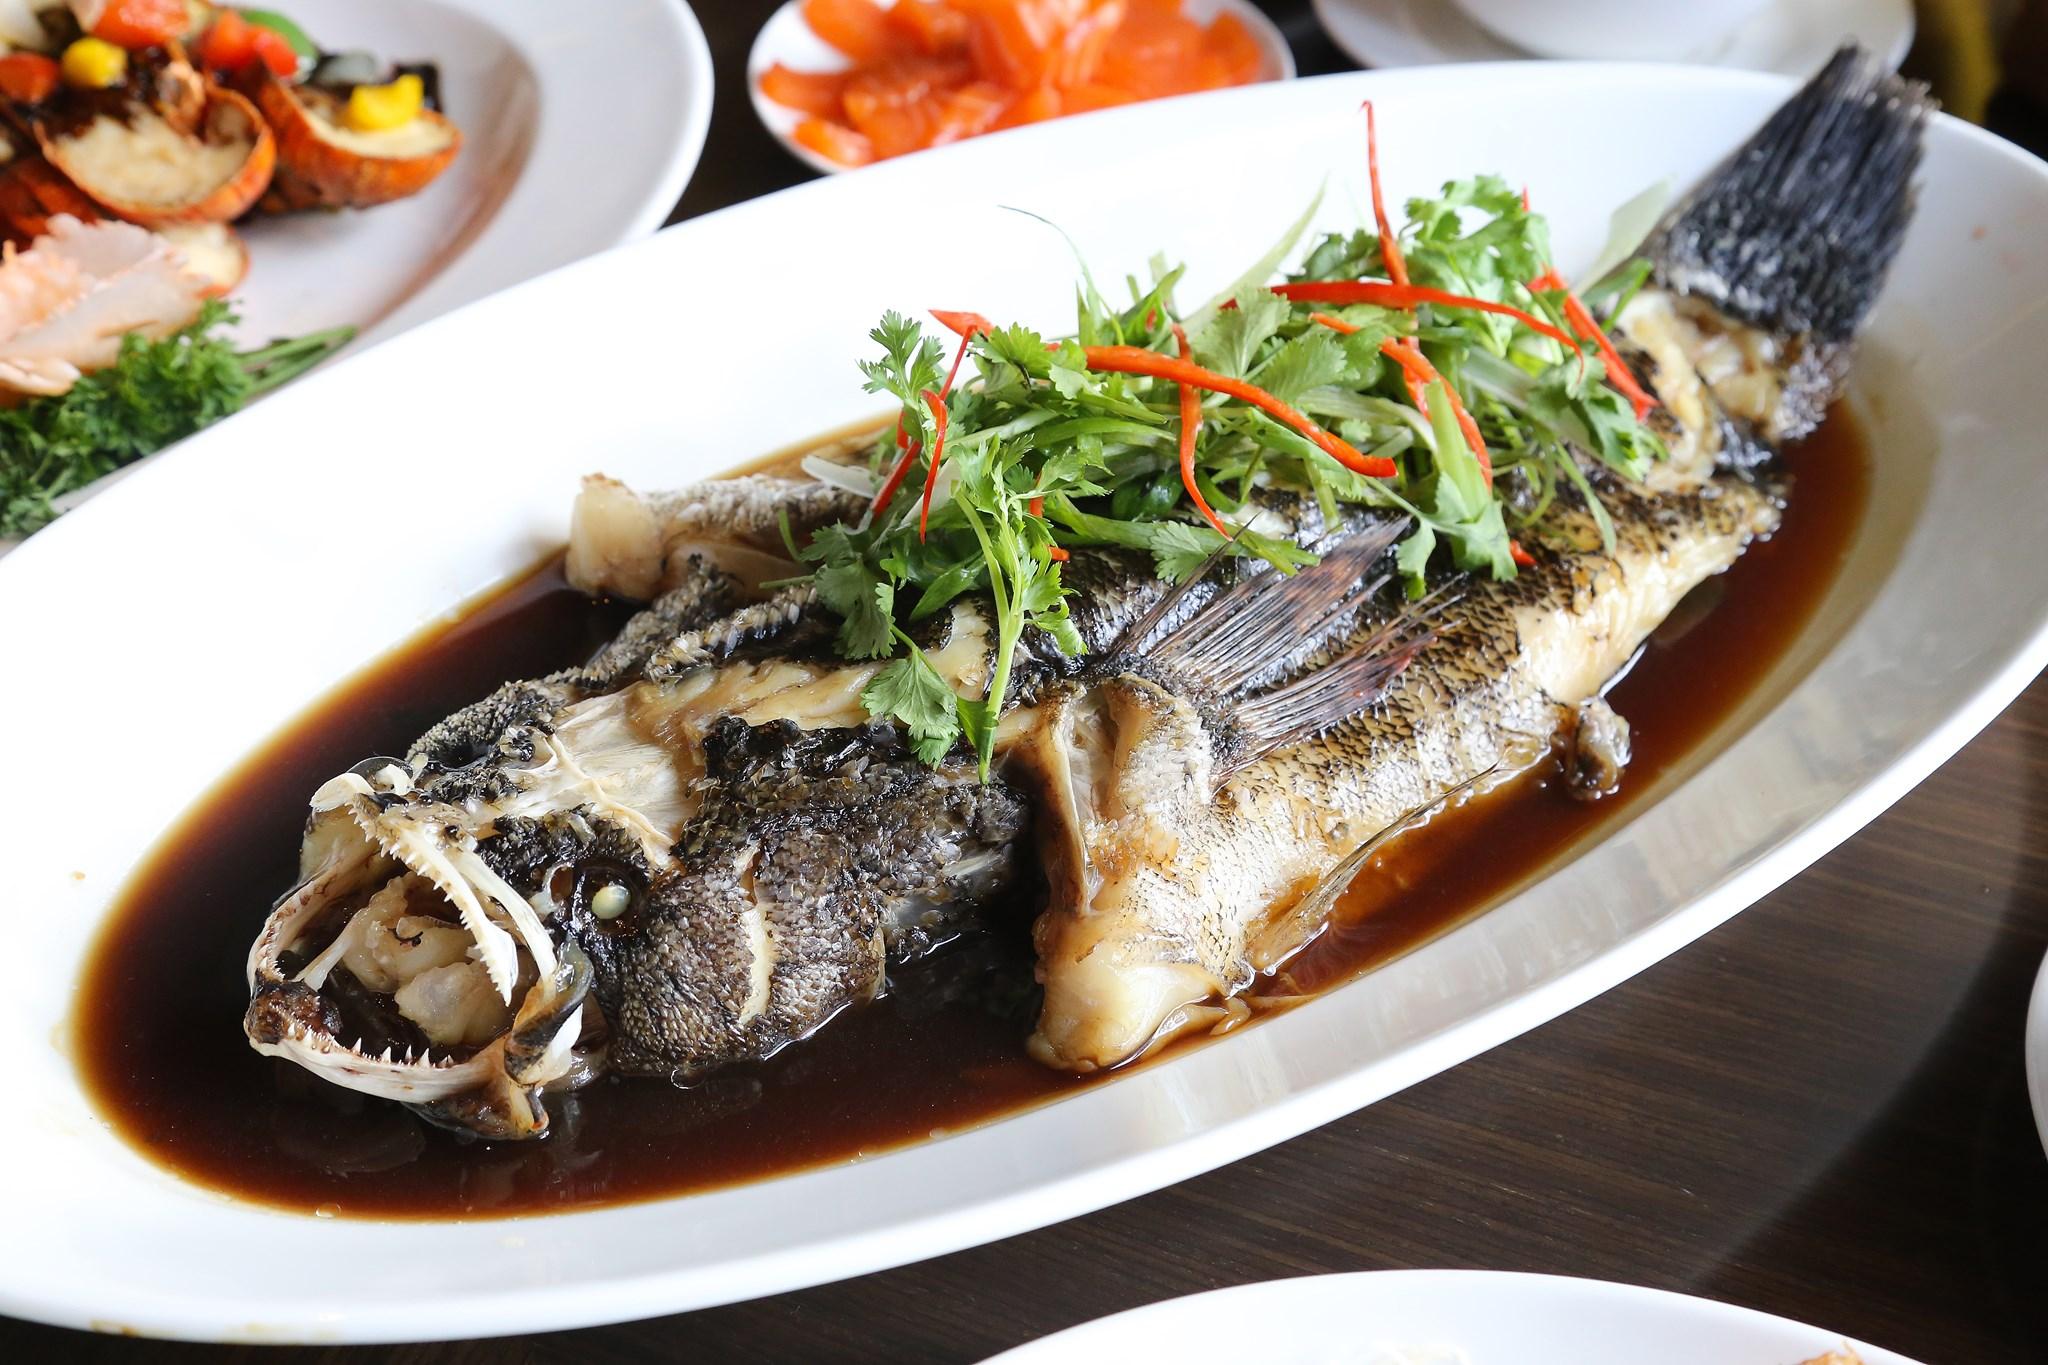 Các món ăn đặc sắc tại Nhà nhà hàng Hai Lúa quận 5